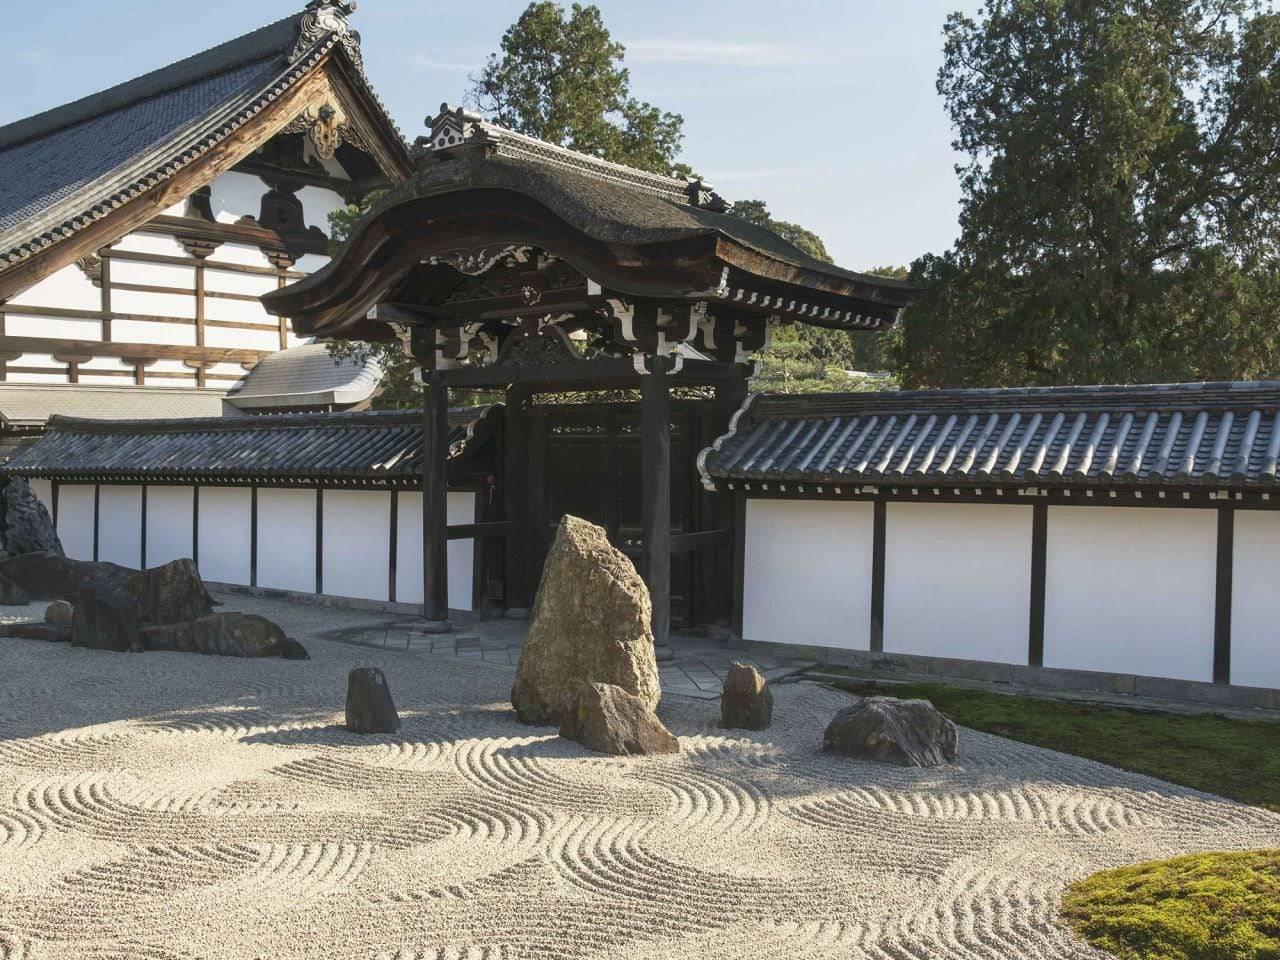 Sân vườn bằng sỏi kiểu Nhật